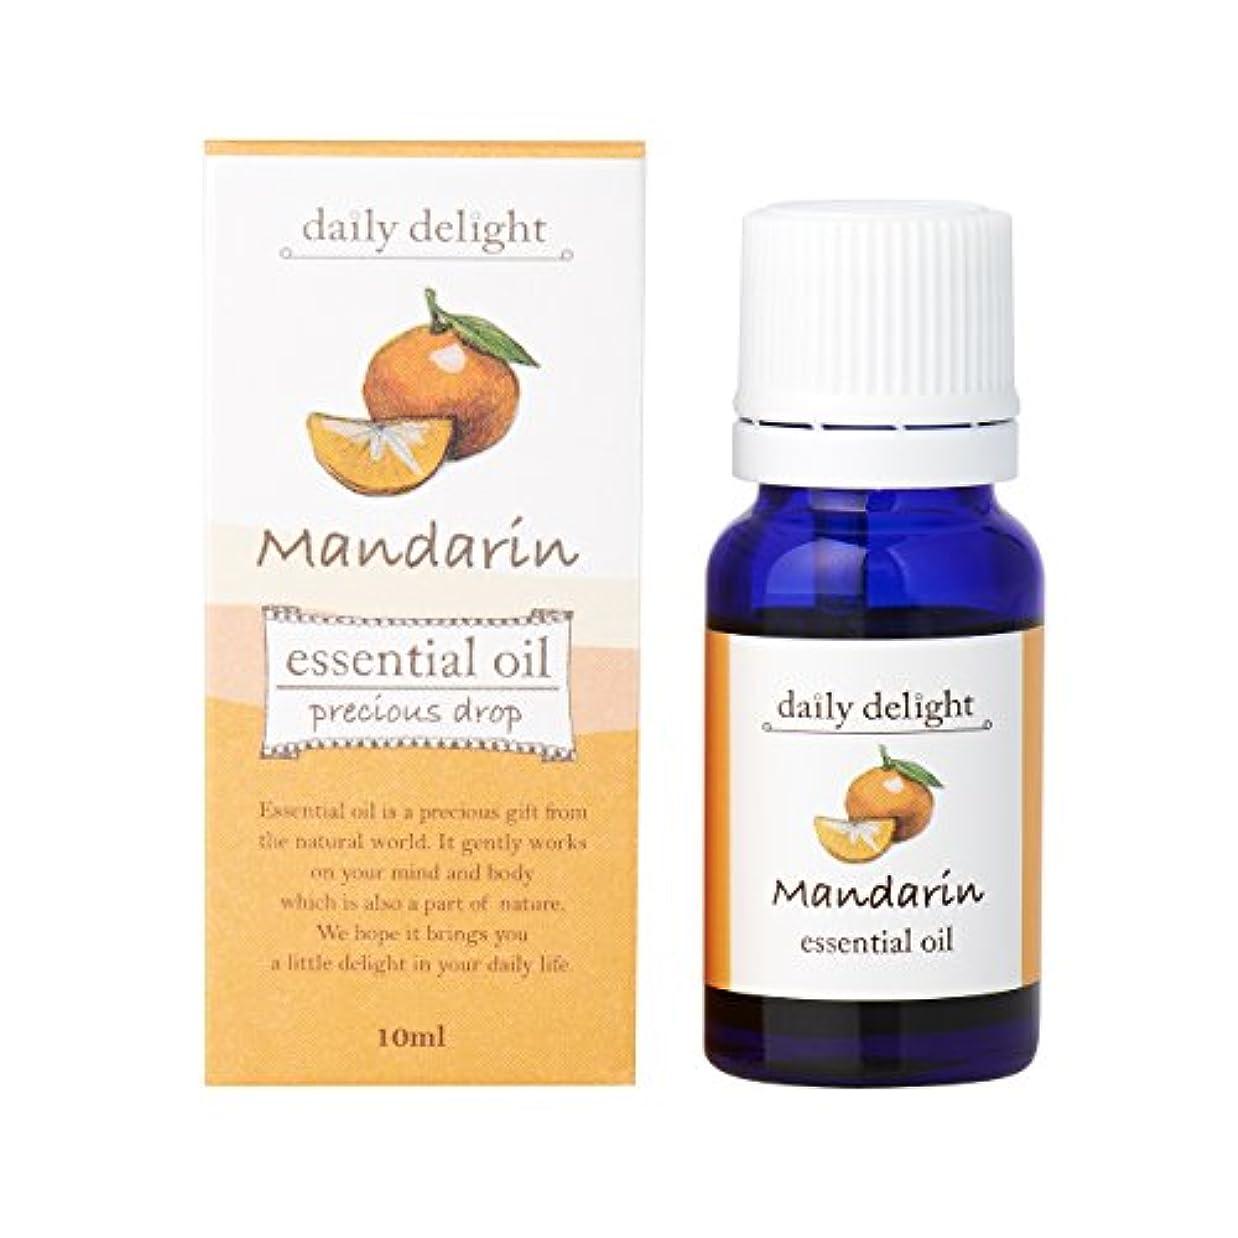 ピカソ貫入ケープデイリーディライト エッセンシャルオイル  マンダリン 10ml(天然100% 精油 アロマ 柑橘系 オレンジに似ているがより穏やかで落ち着いた印象の香り)